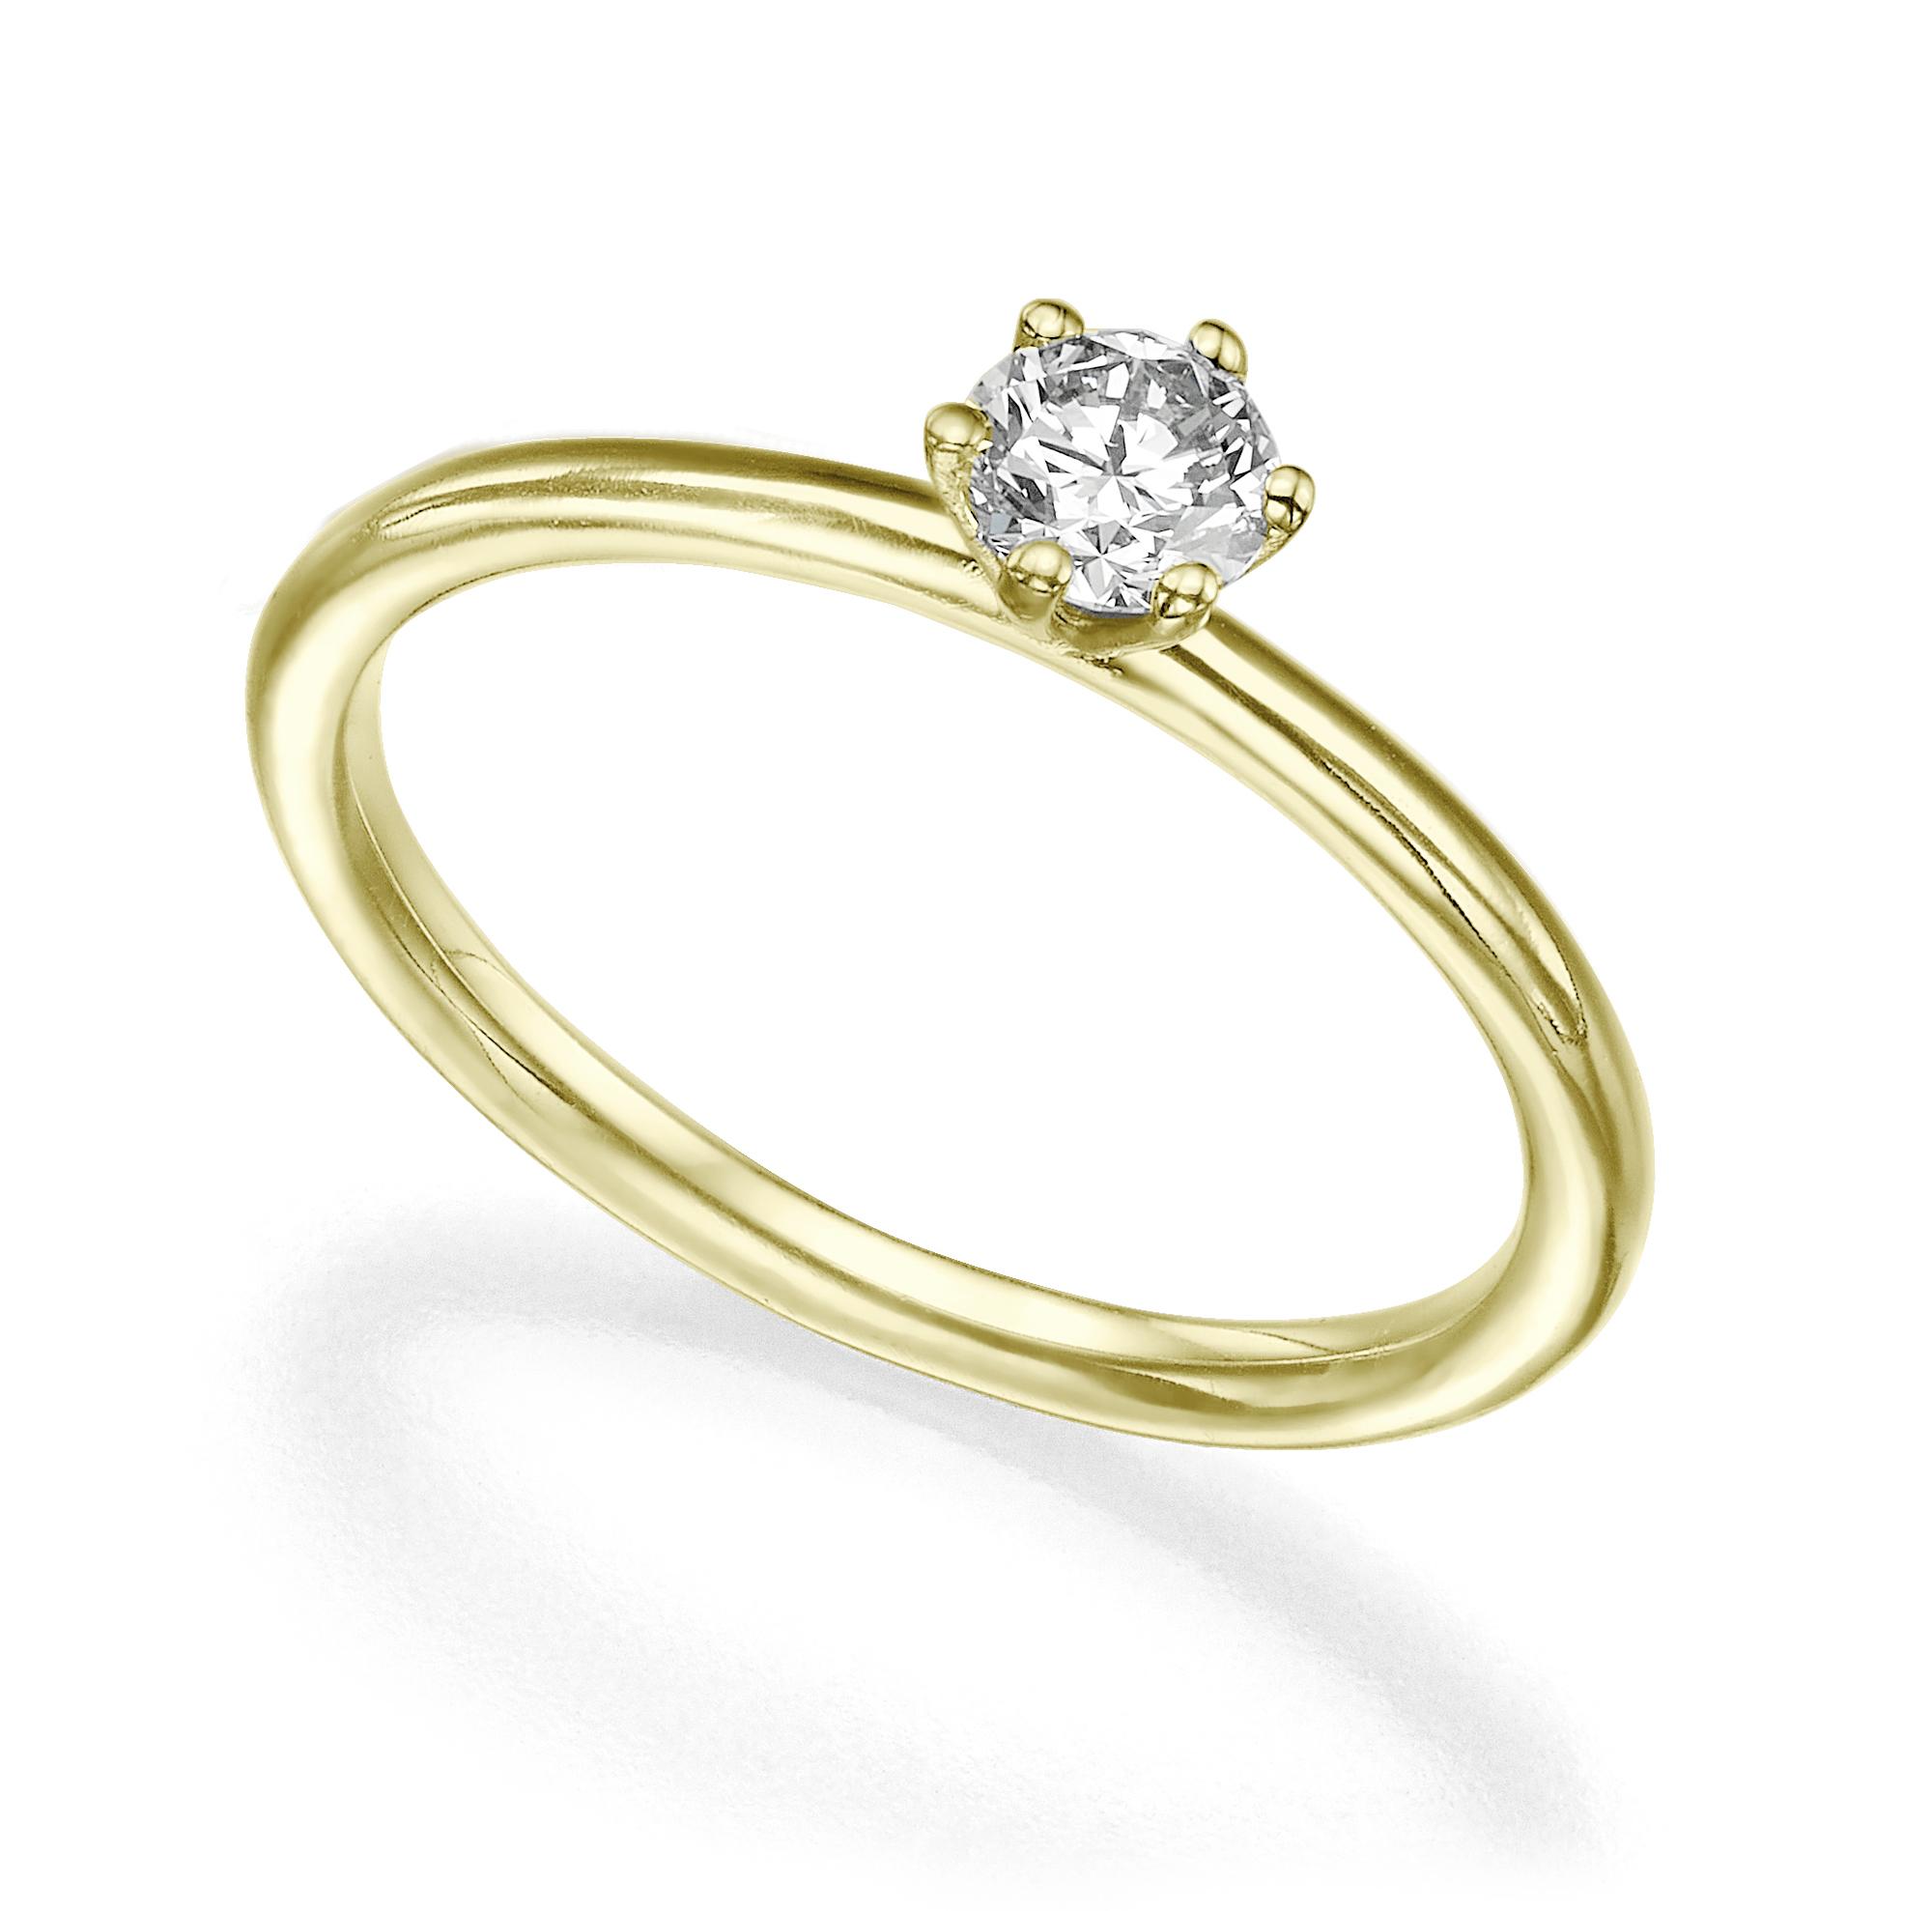 טבעת סוליטר יהלום 40 נקודות פרופיל עגול